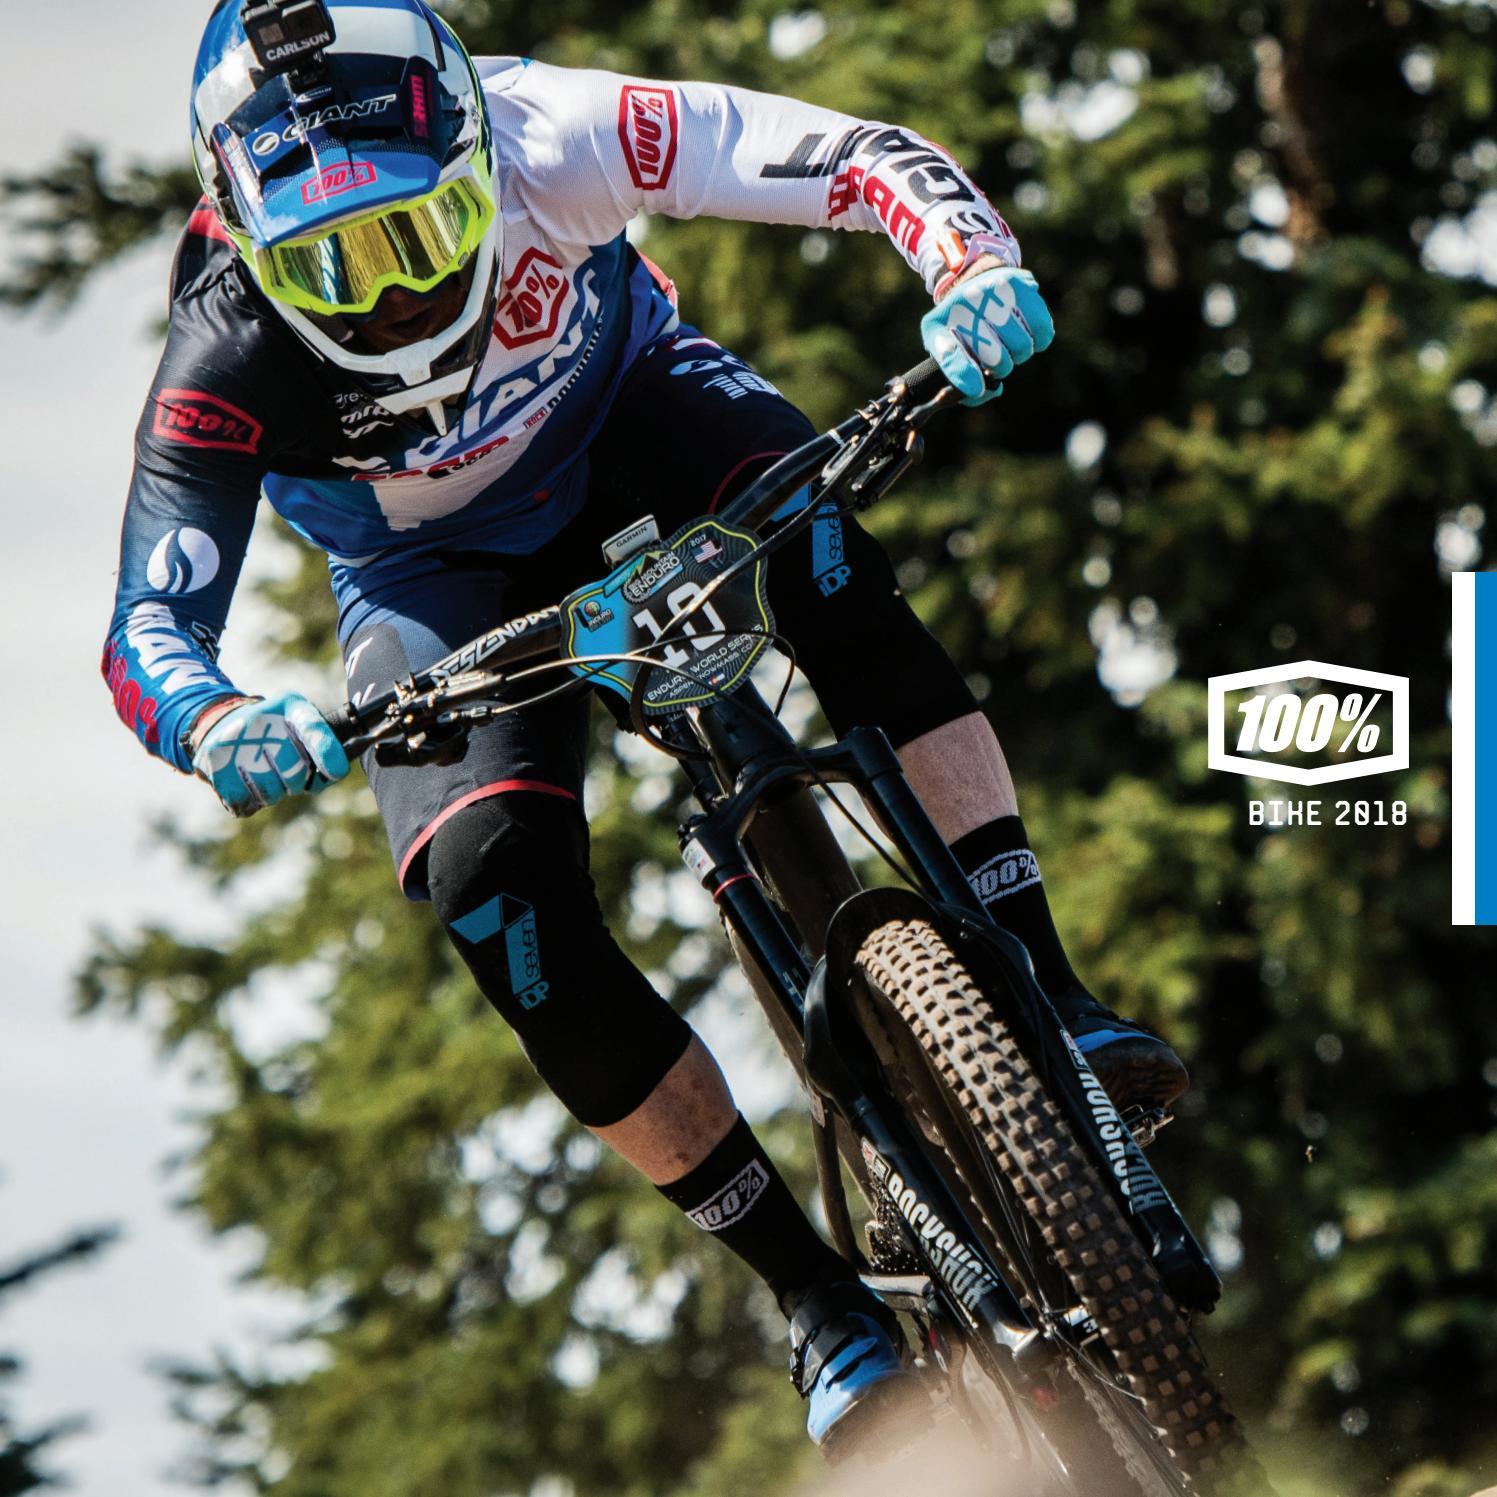 Bicycle Safety 07 Foam Helmet Mirror